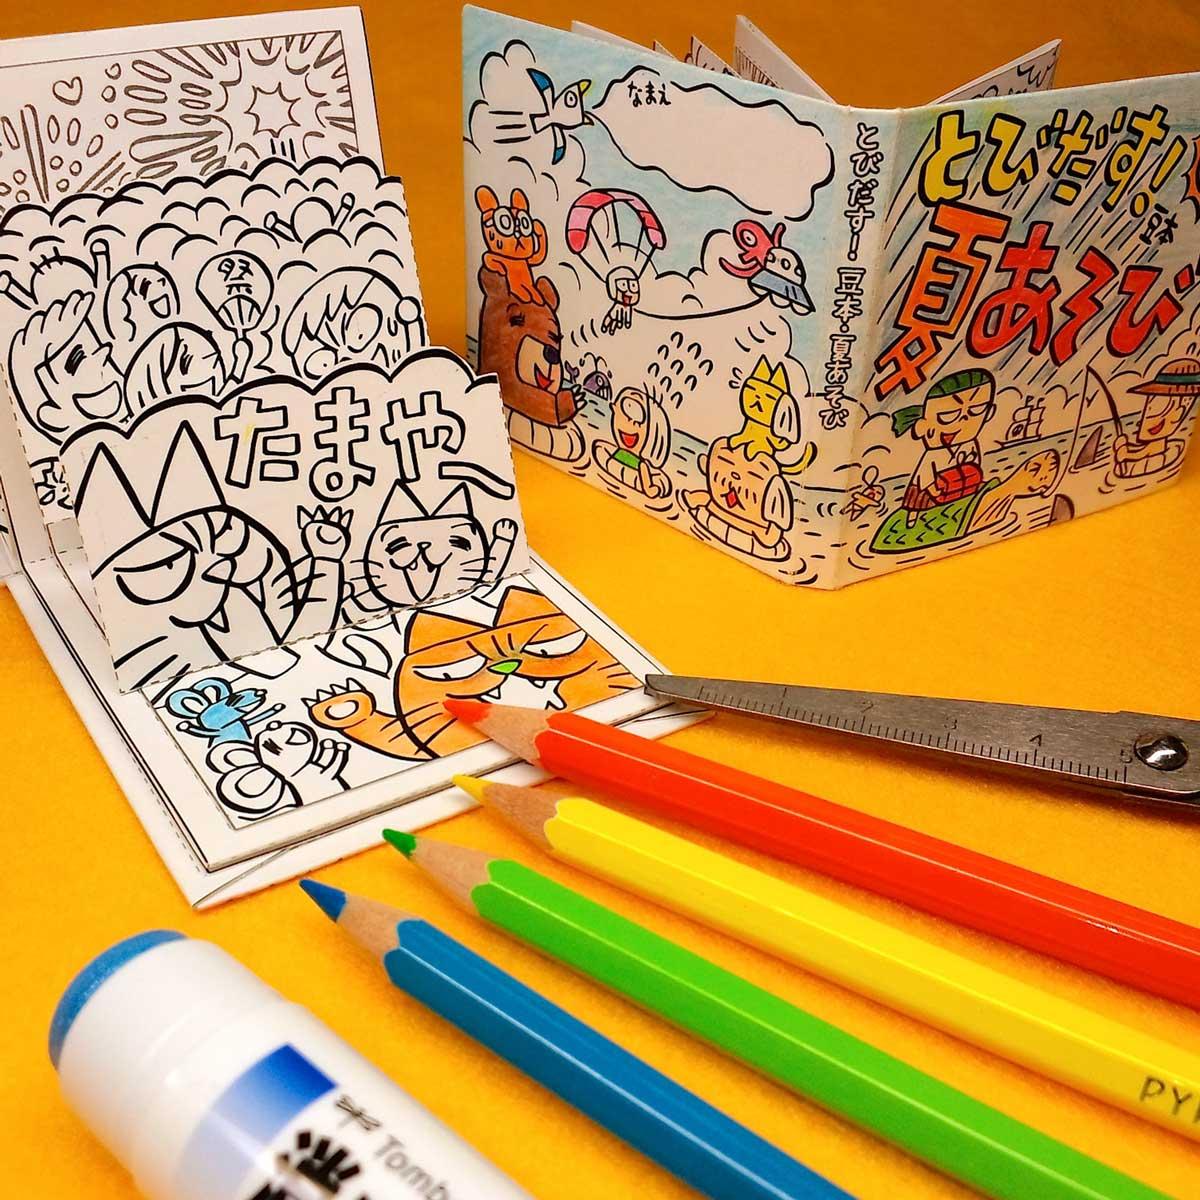 豆本ワークショップ「小さな絵本を作ろう。」予約受付開始。